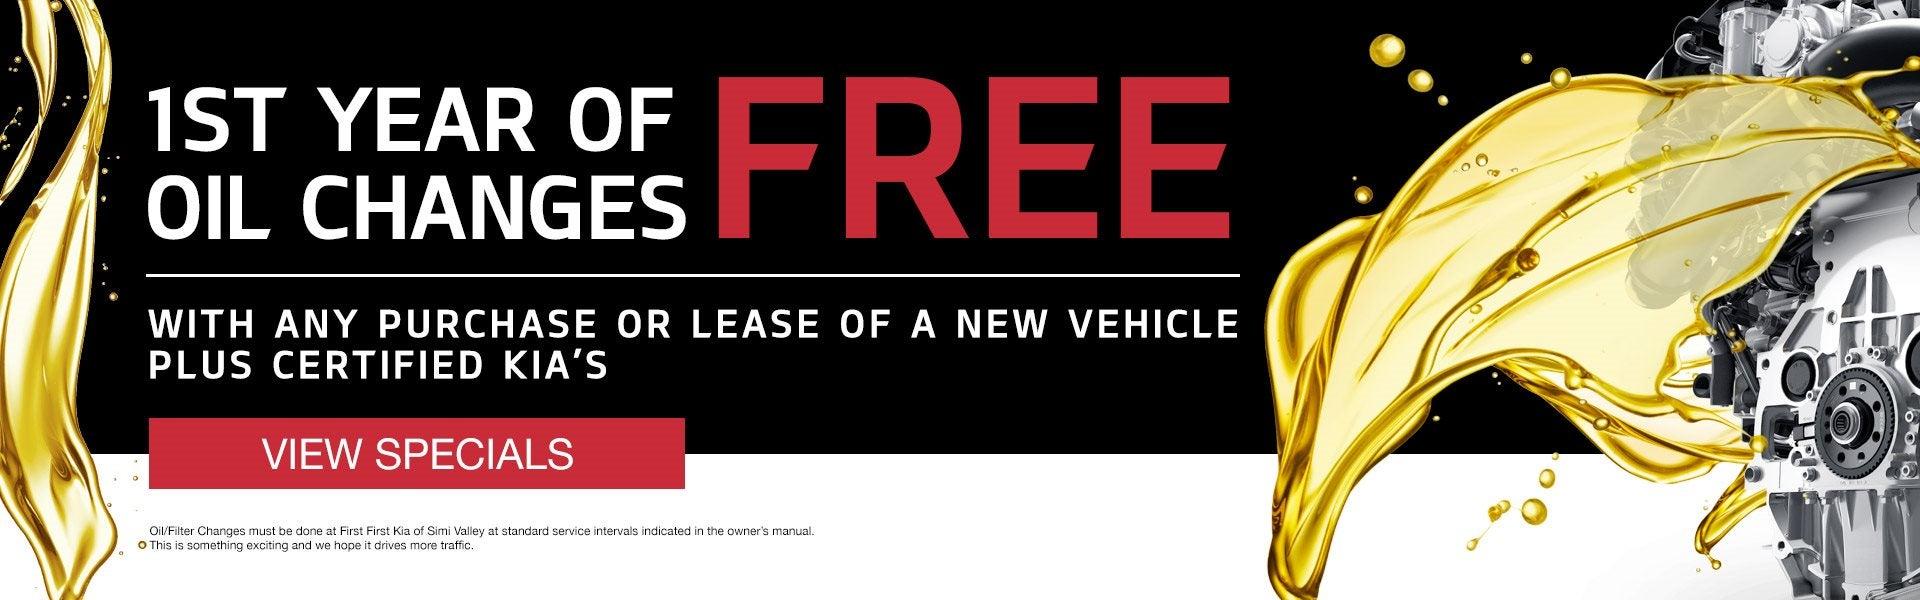 Kia Dealership Near Me >> First Kia of Simi Valley   Kia Dealership in Simi Valley, CA